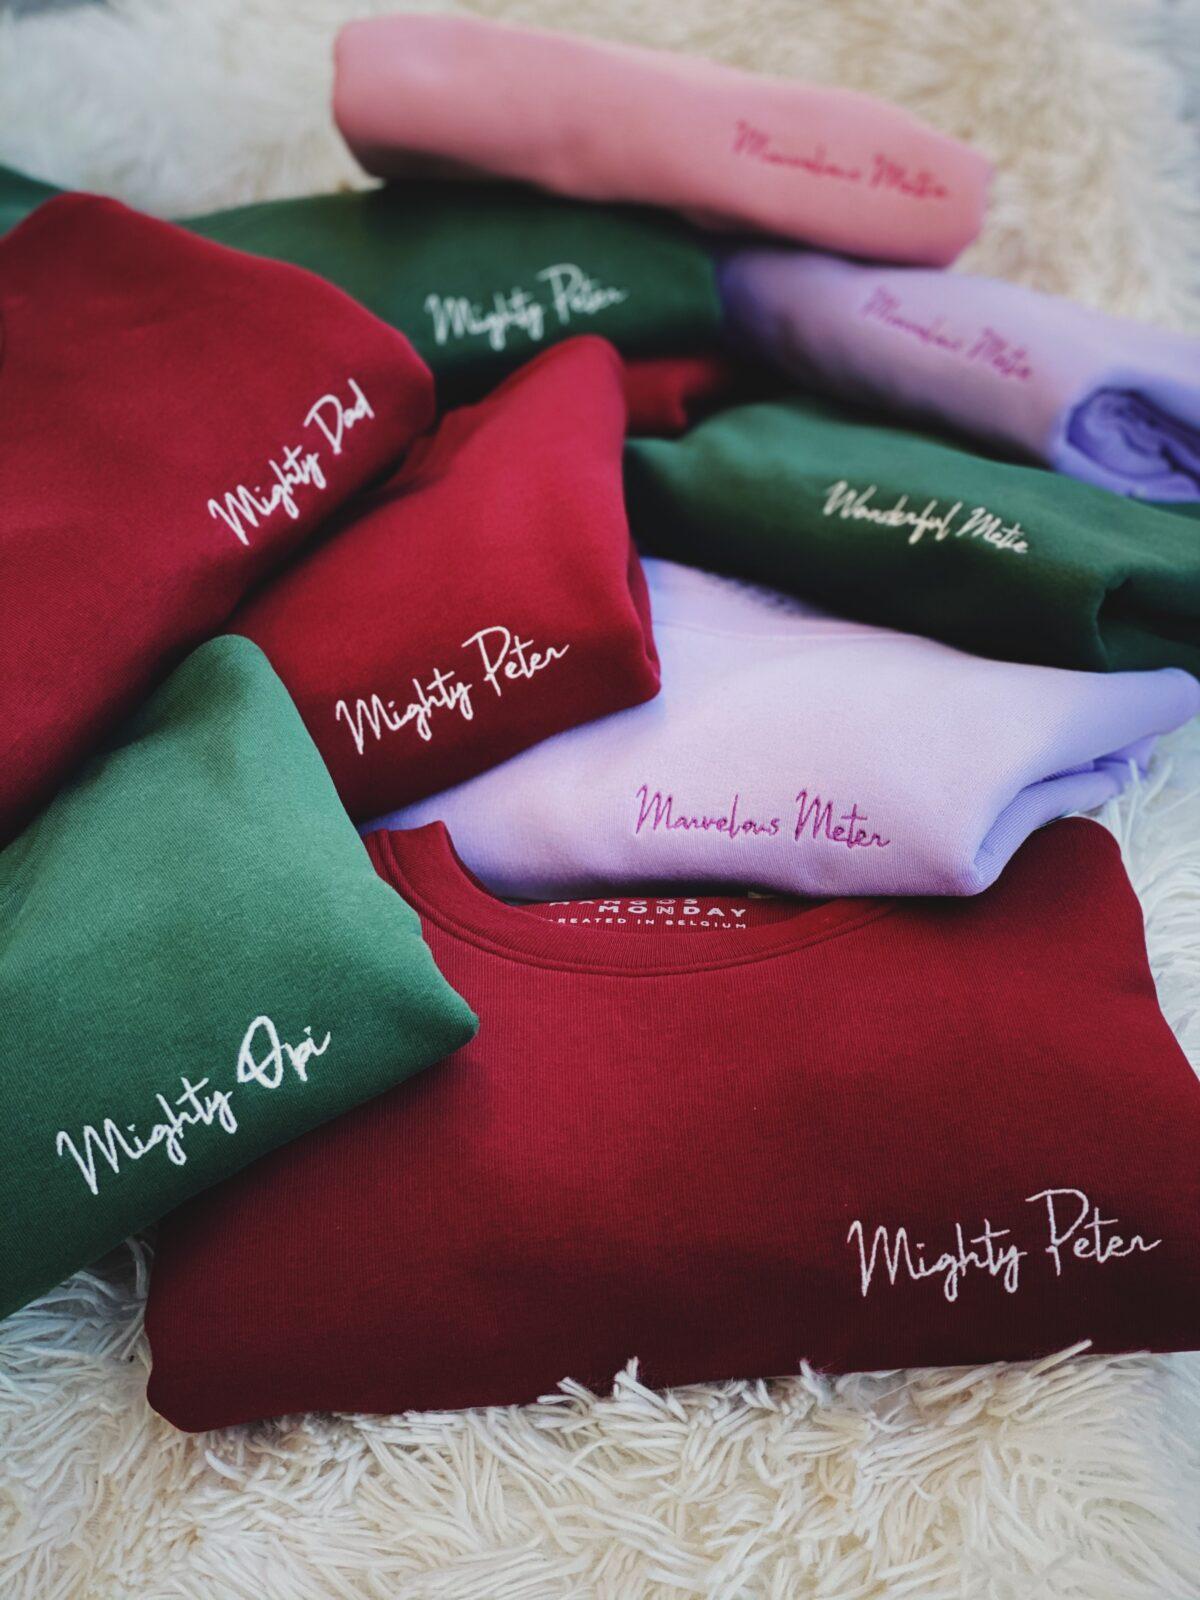 Marvelous tantie & Lovely Metie personalisatie sweater bij Mangos on Monday